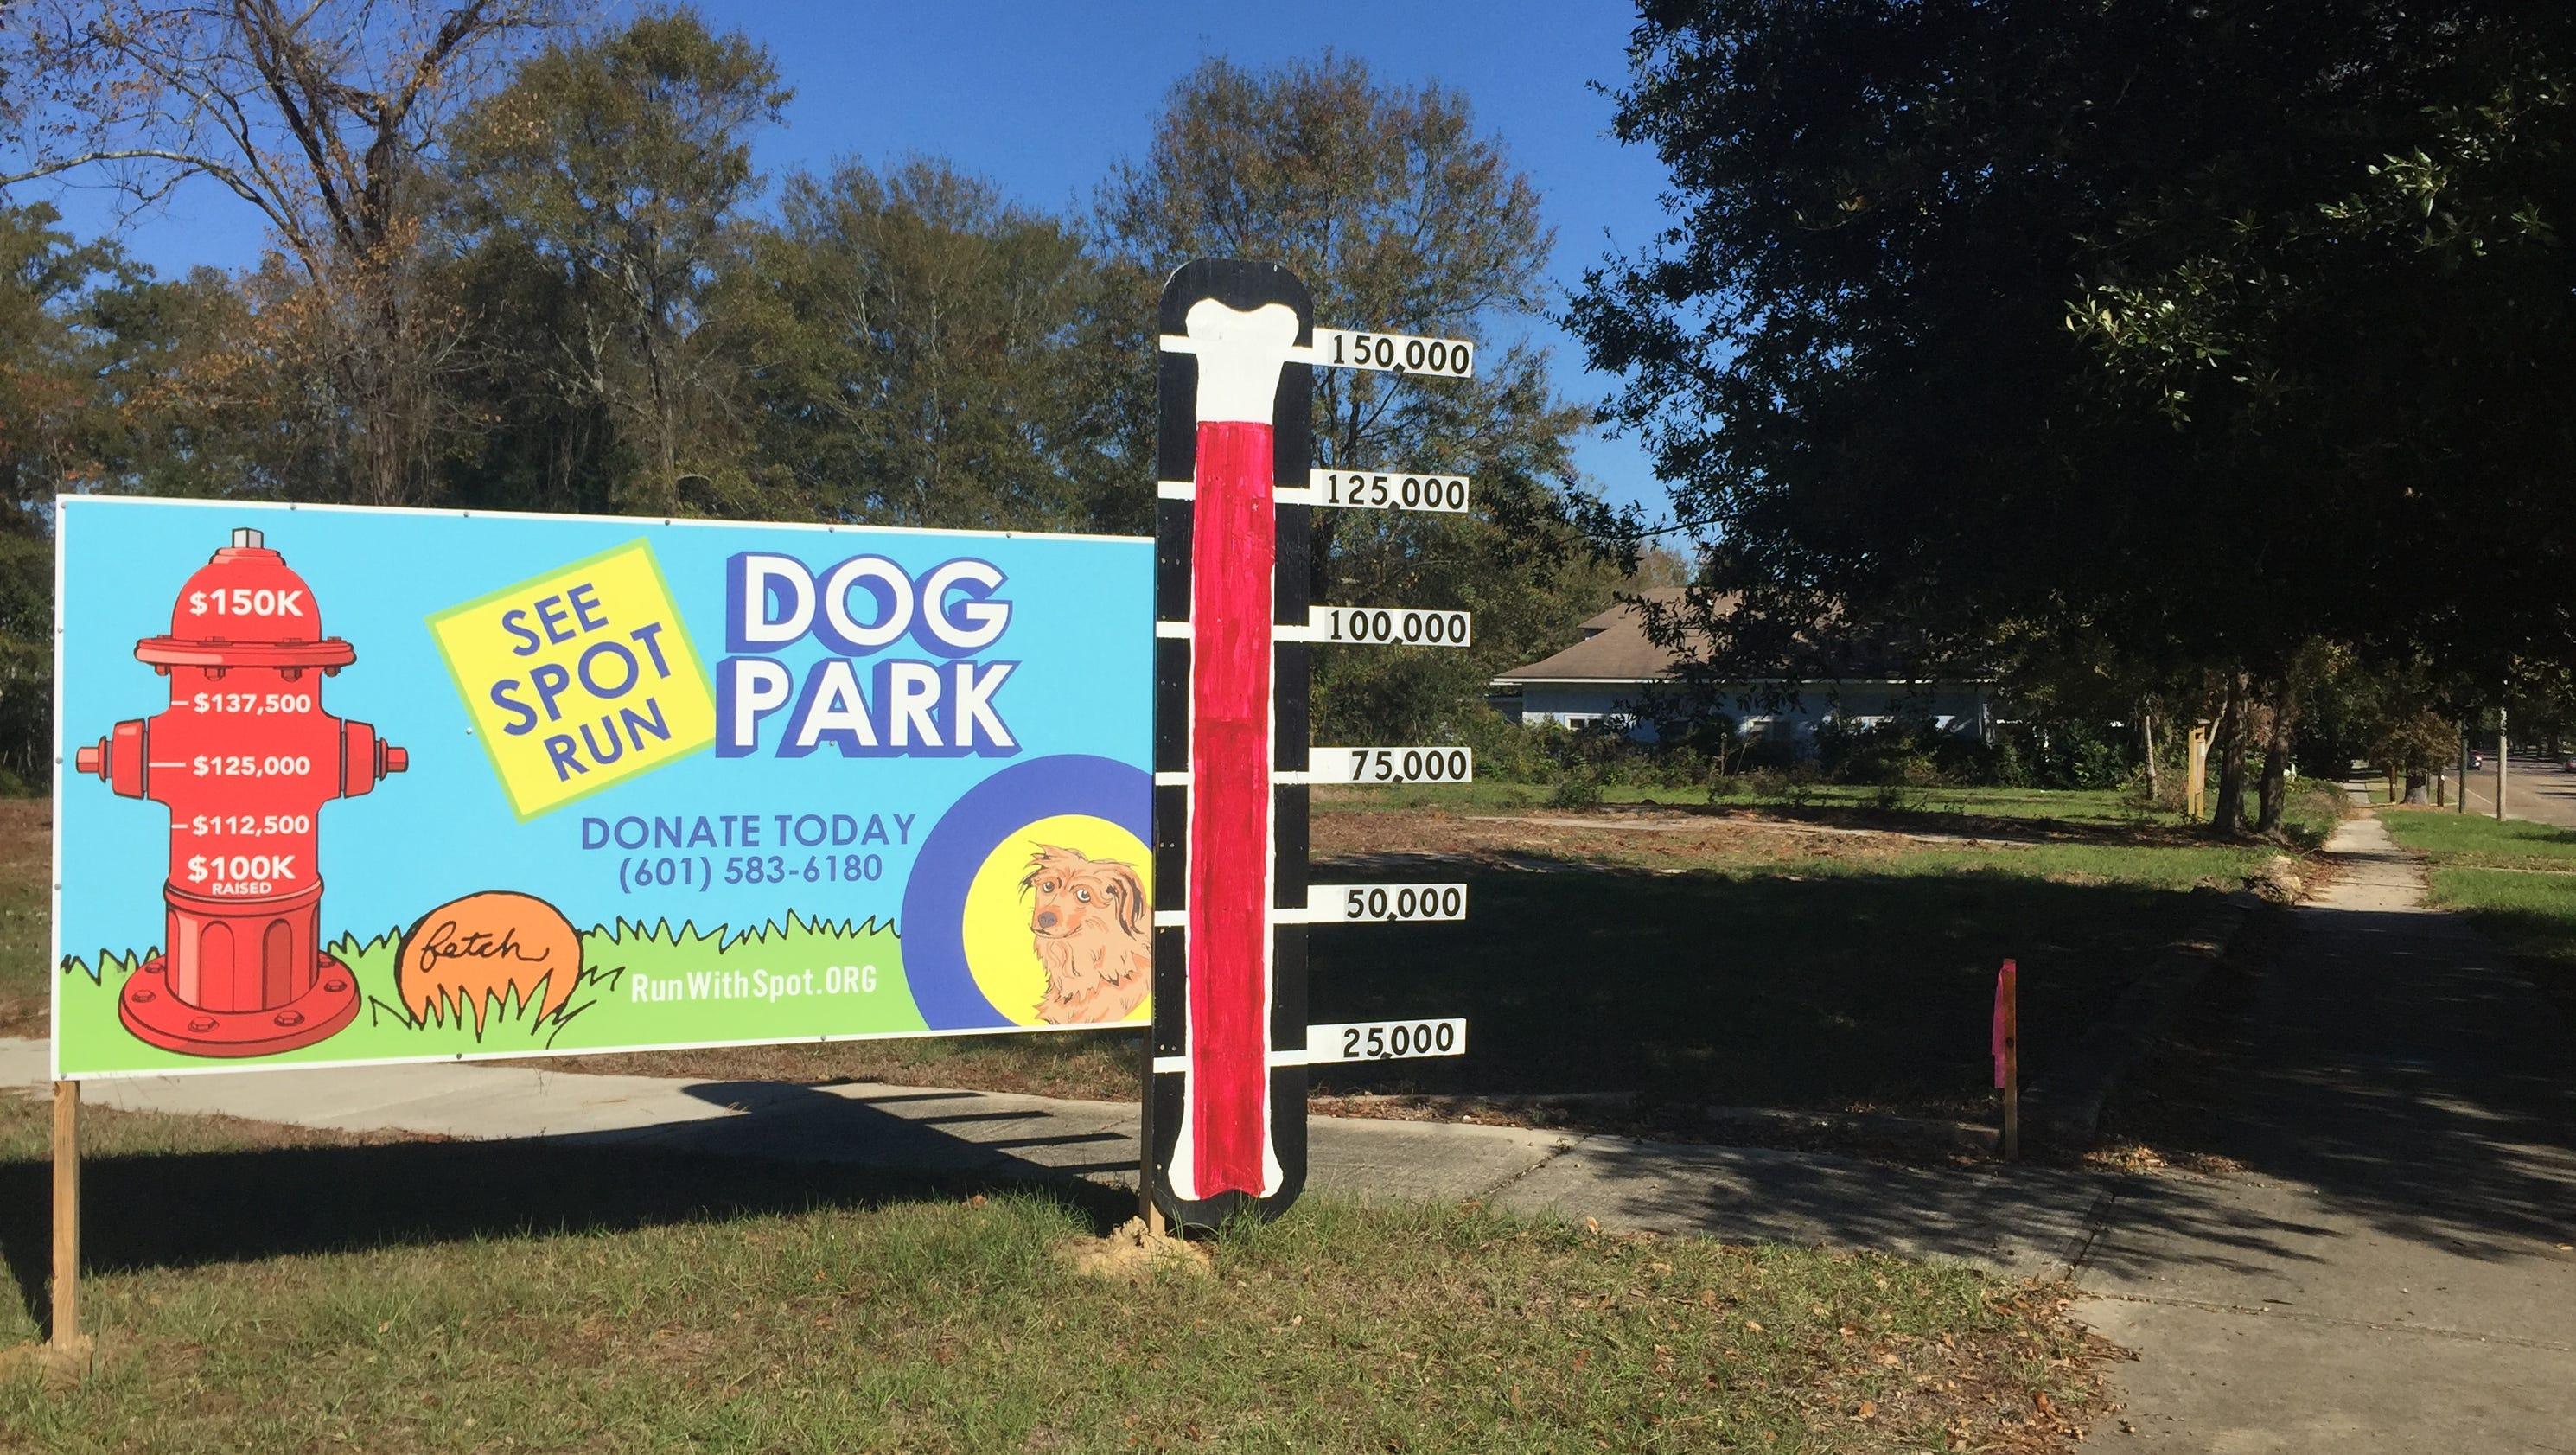 See Spot Run Dog Park